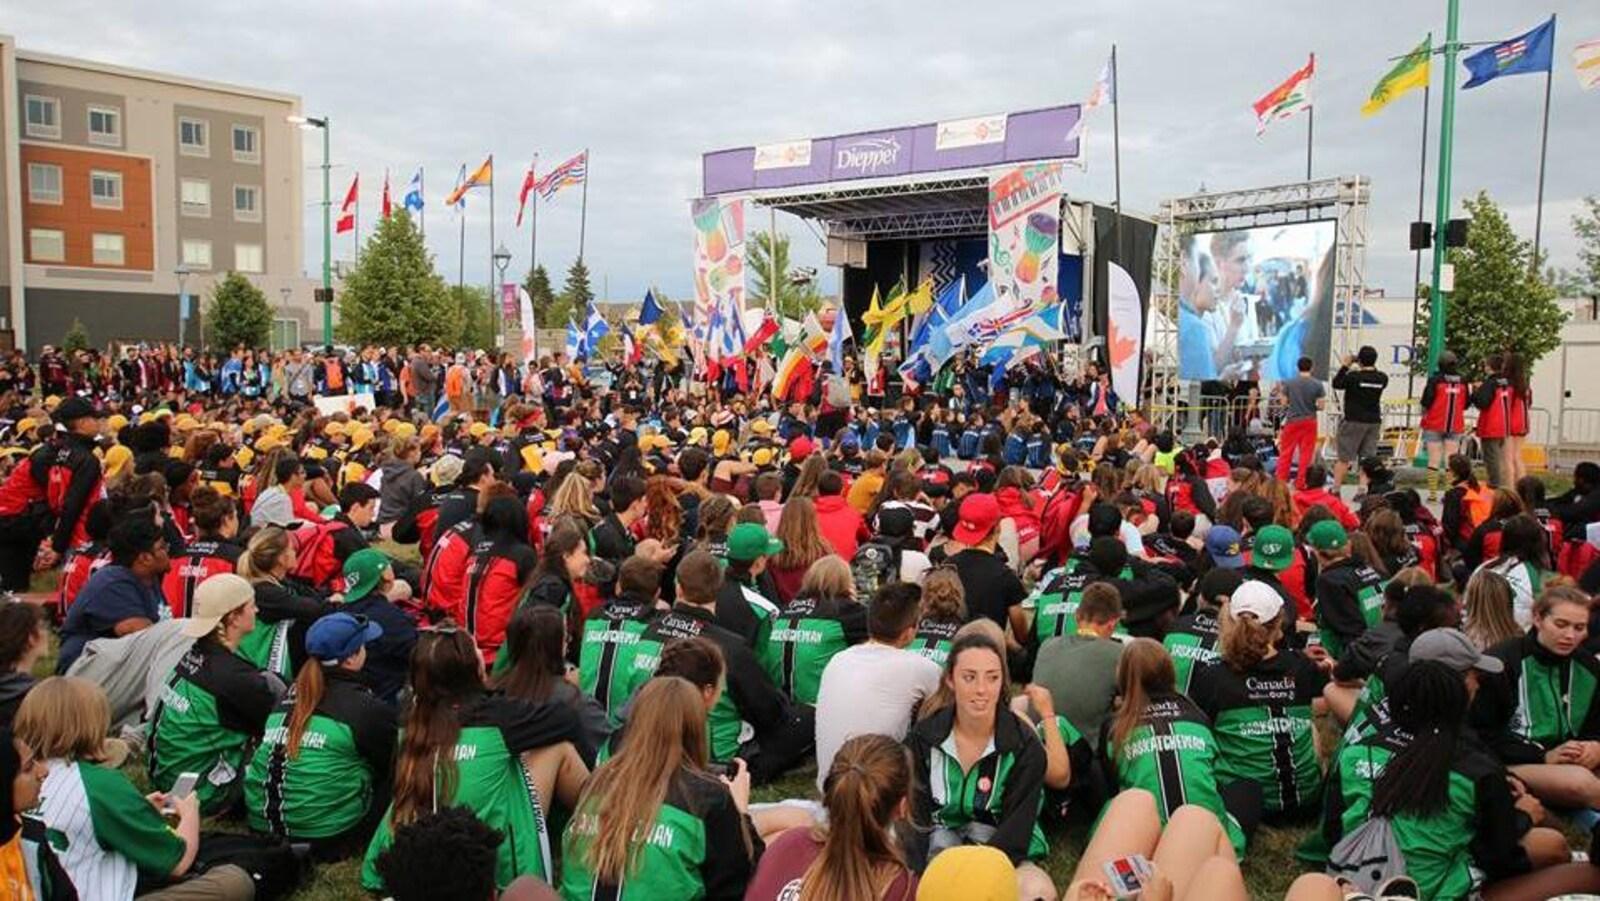 La délégation de la Saskatchewan se rassemble avec les autres délégations pour un spectacle aux Jeux de la franchophonie canadienne à Moncton-Dieppe.